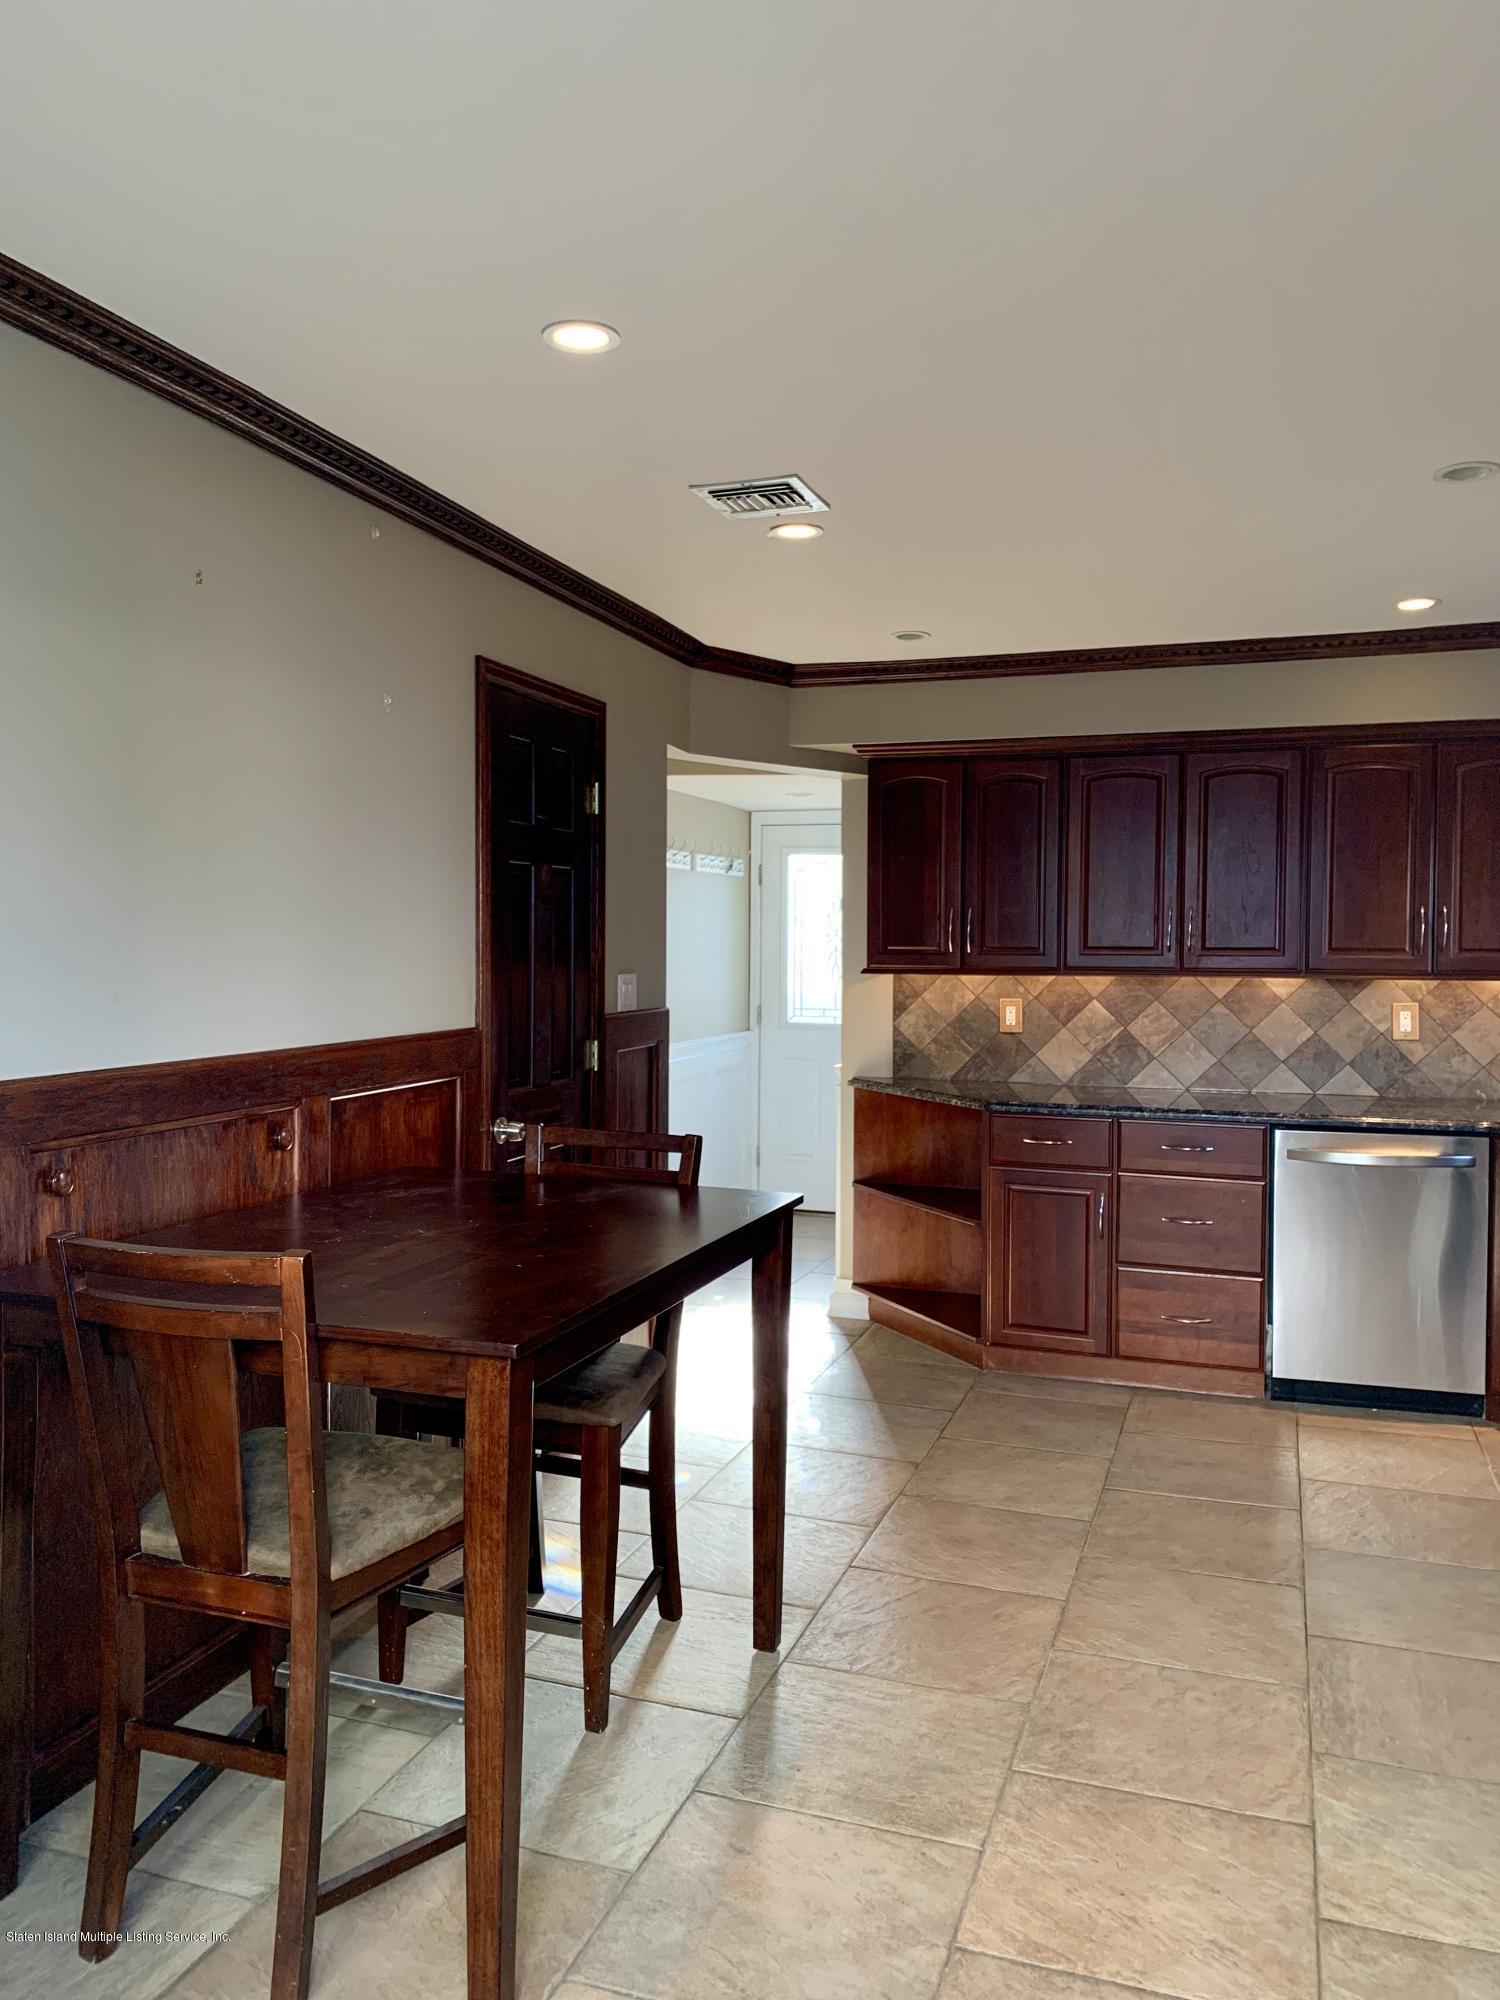 Single Family - Detached 524 Powell Street  Staten Island, NY 10312, MLS-1133742-7